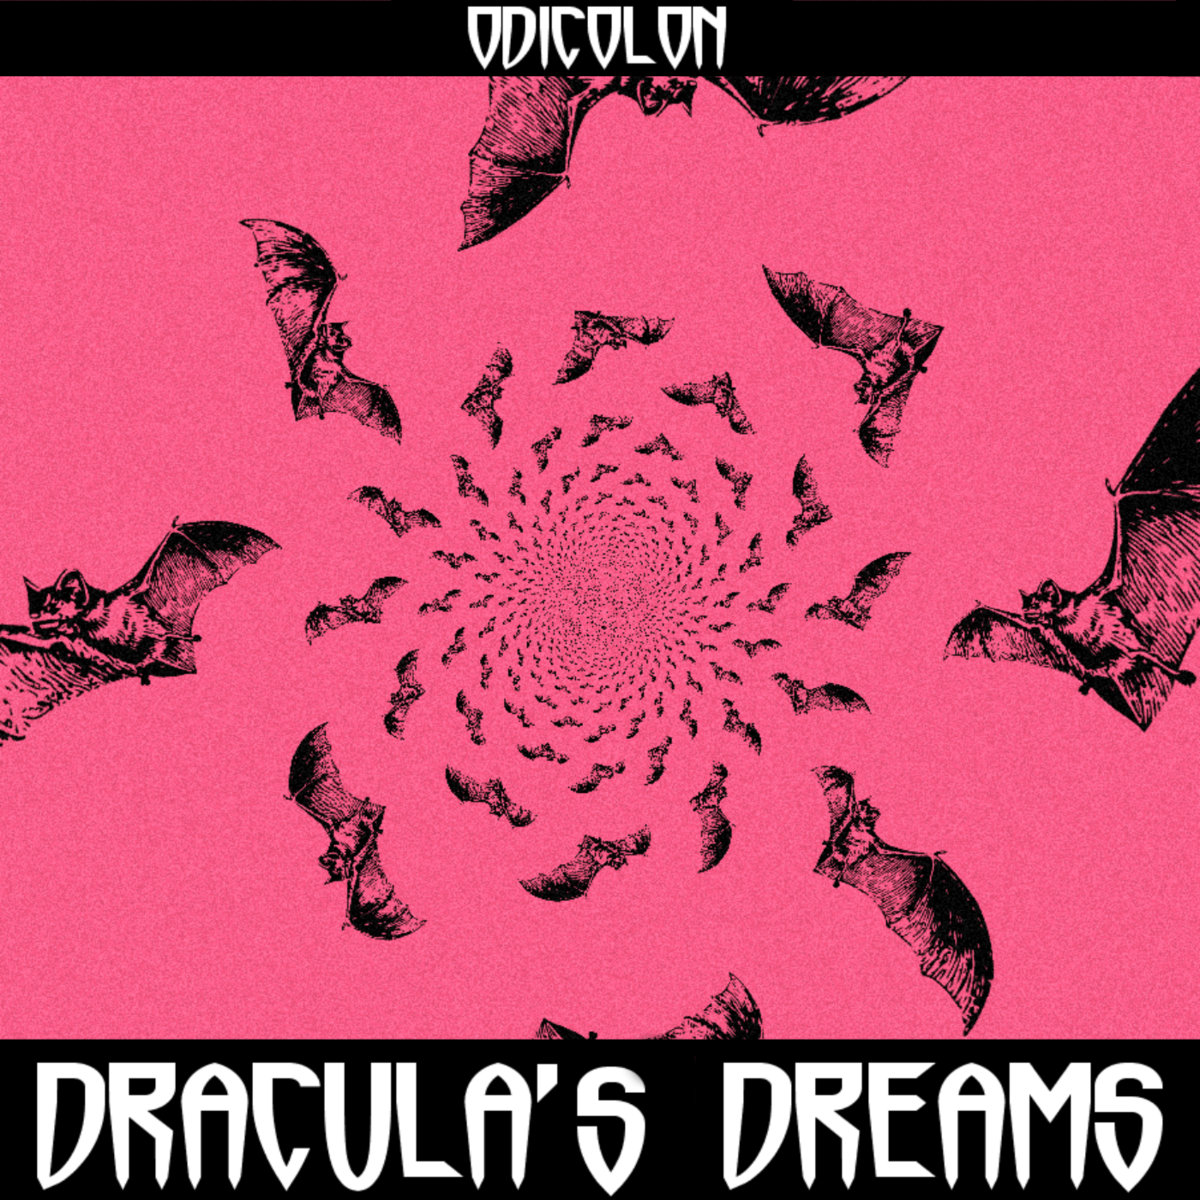 Odicolon - Dracula's Dreams